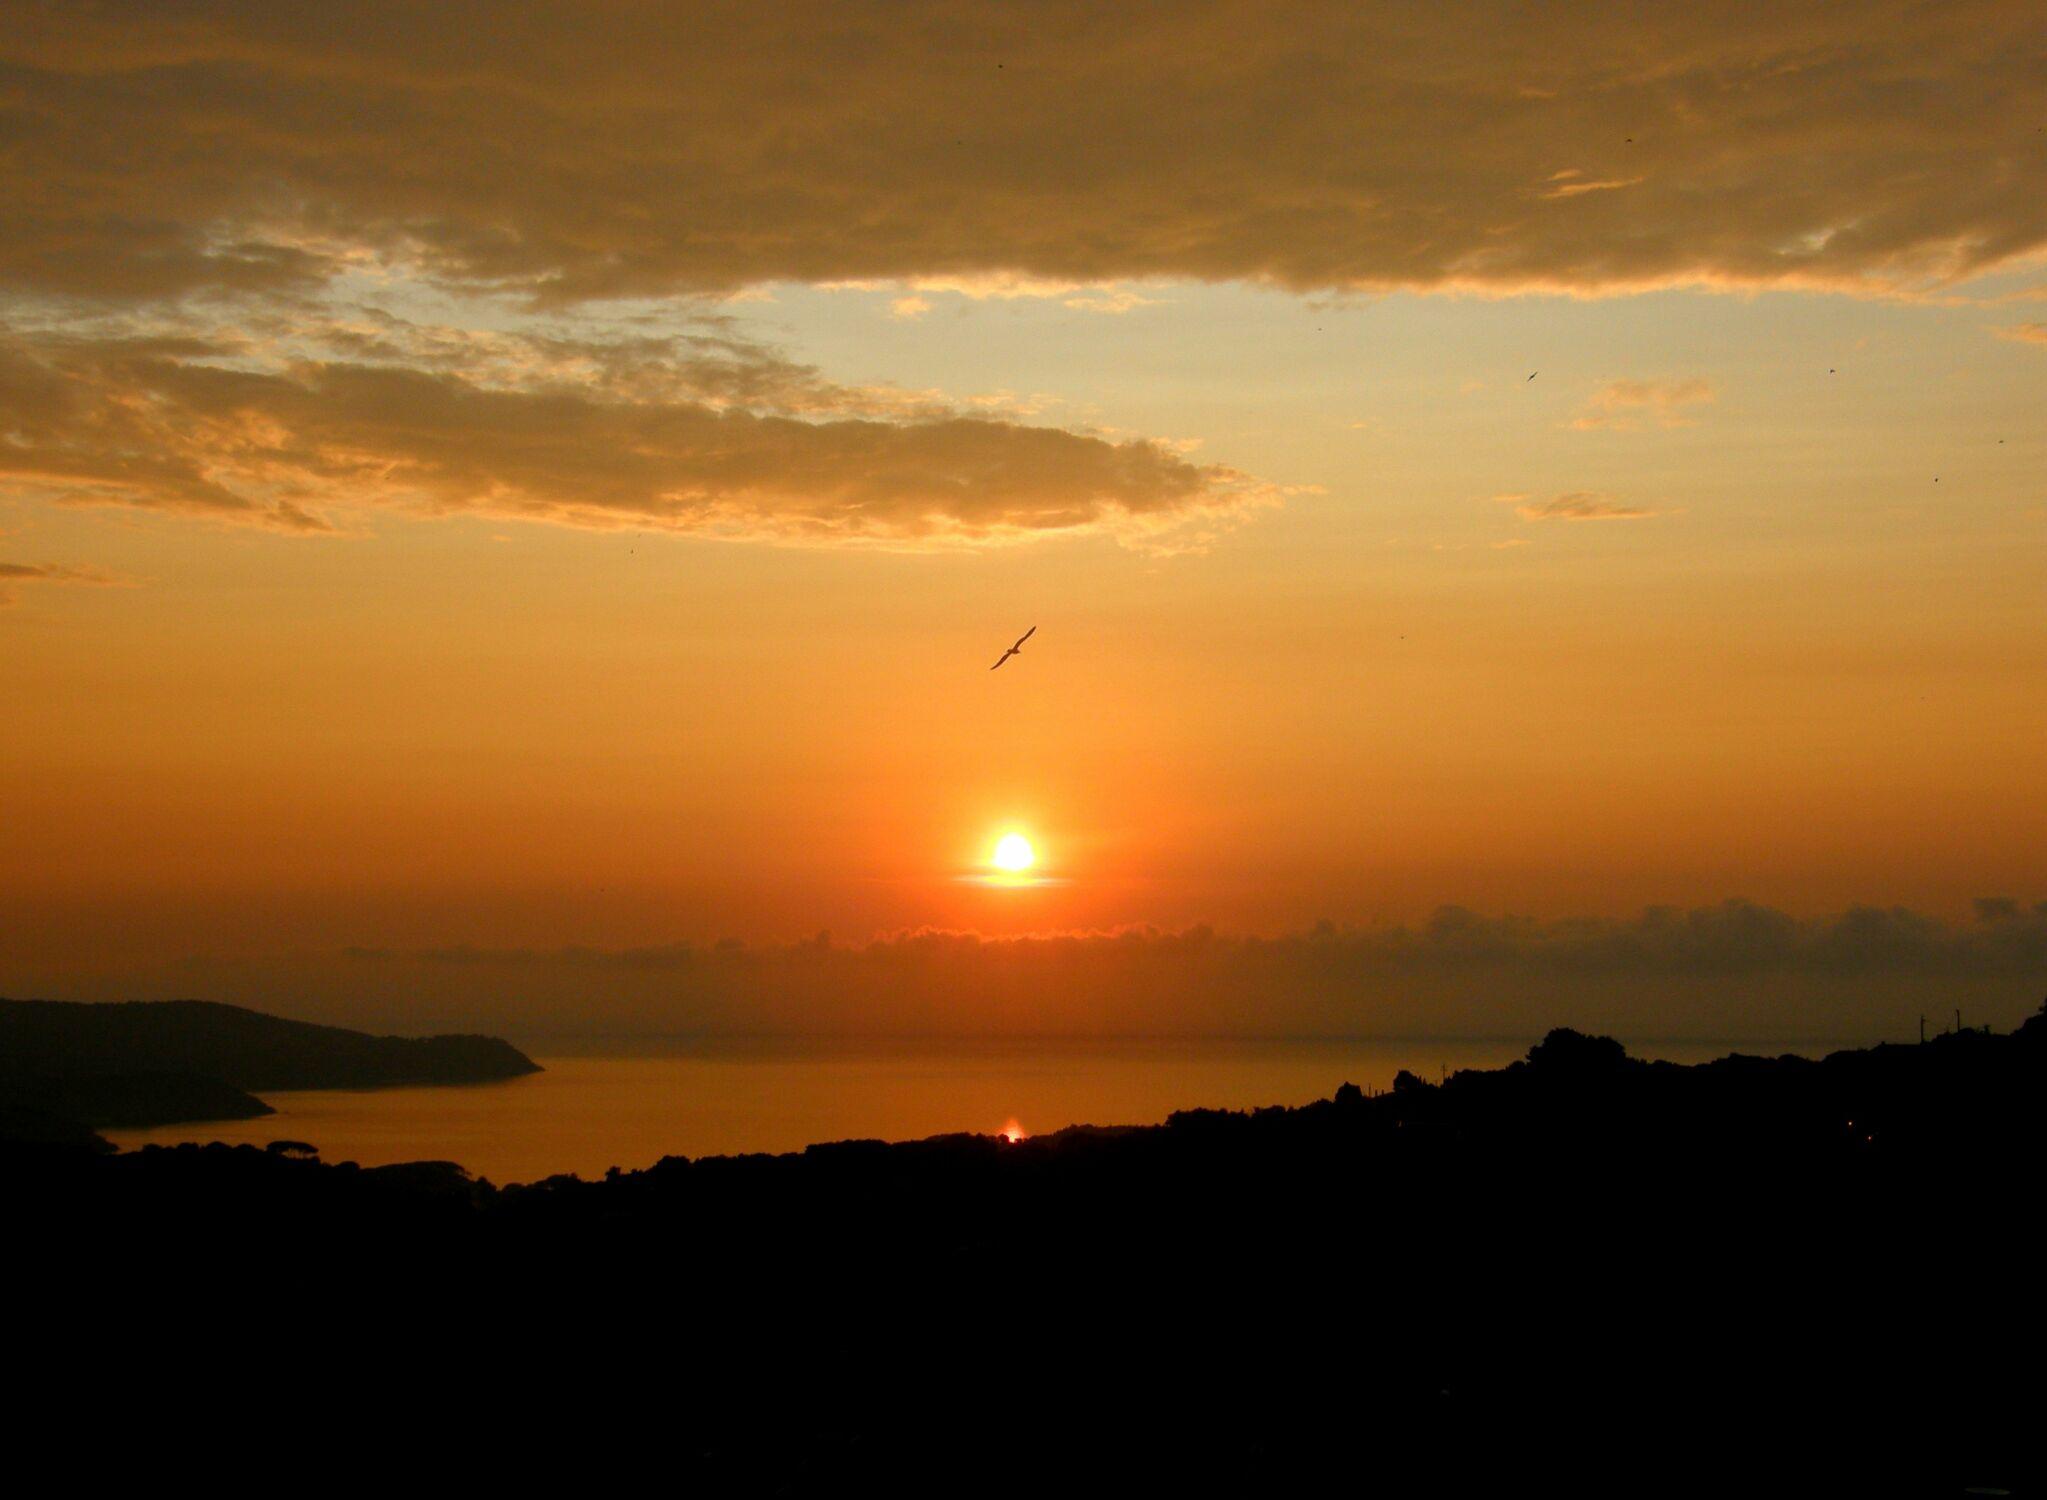 Bild mit Himmel, Gewässer, Strände, Wellen, Sonnenuntergang, Sonnenaufgang, Sonne, Strand, Meer, Insel, berg, ozean